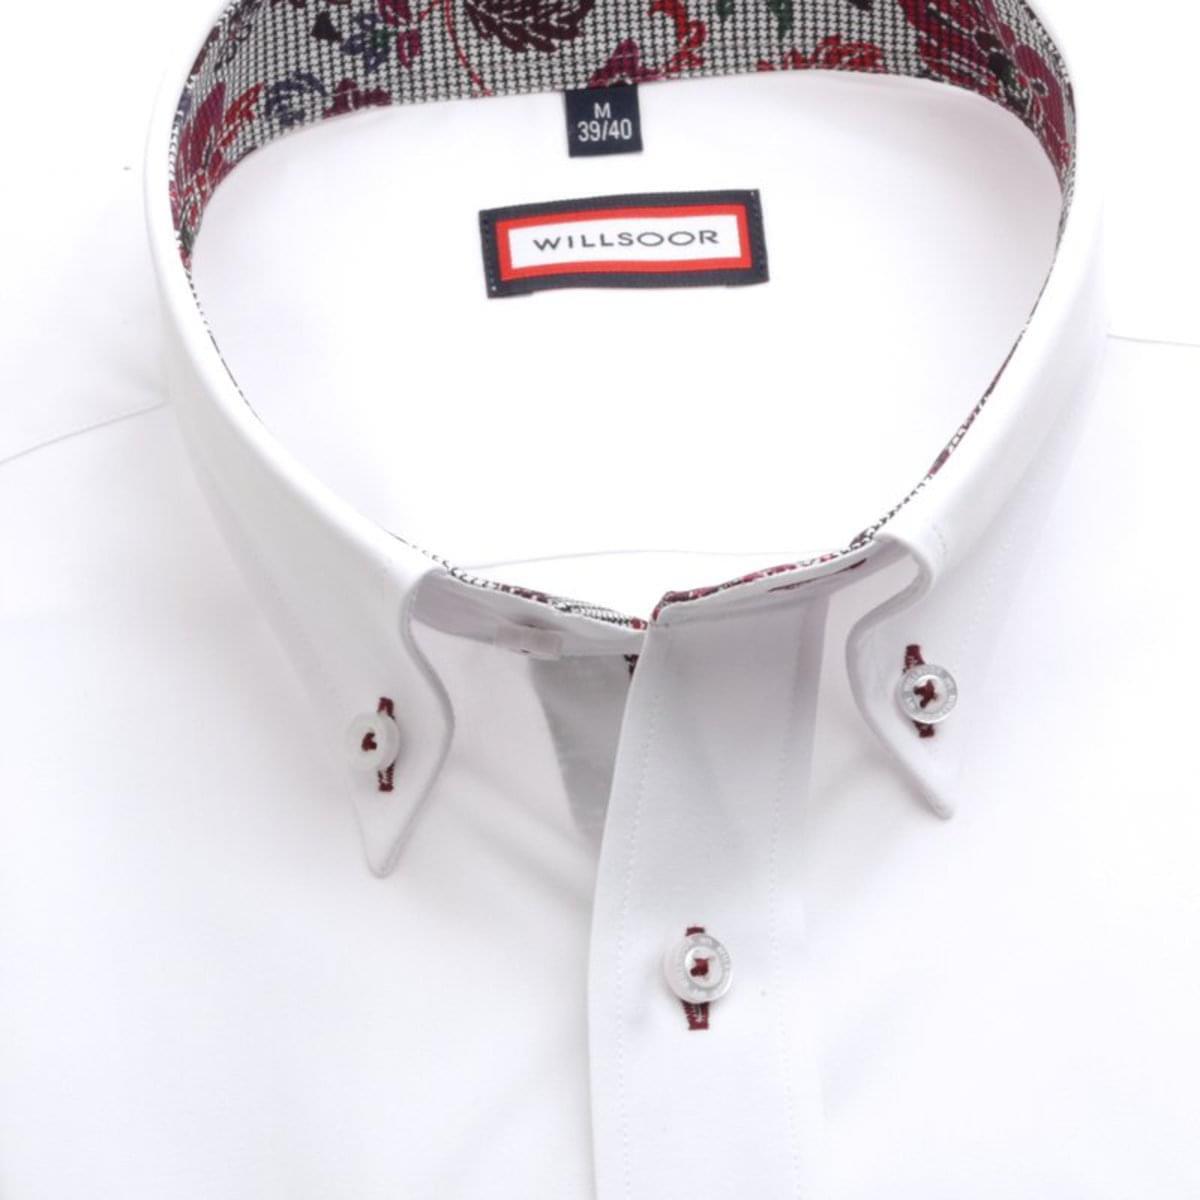 Pánská slim fit košile (výška 176-182) 7630 v bílé barvě 176-182 / M (39/40)